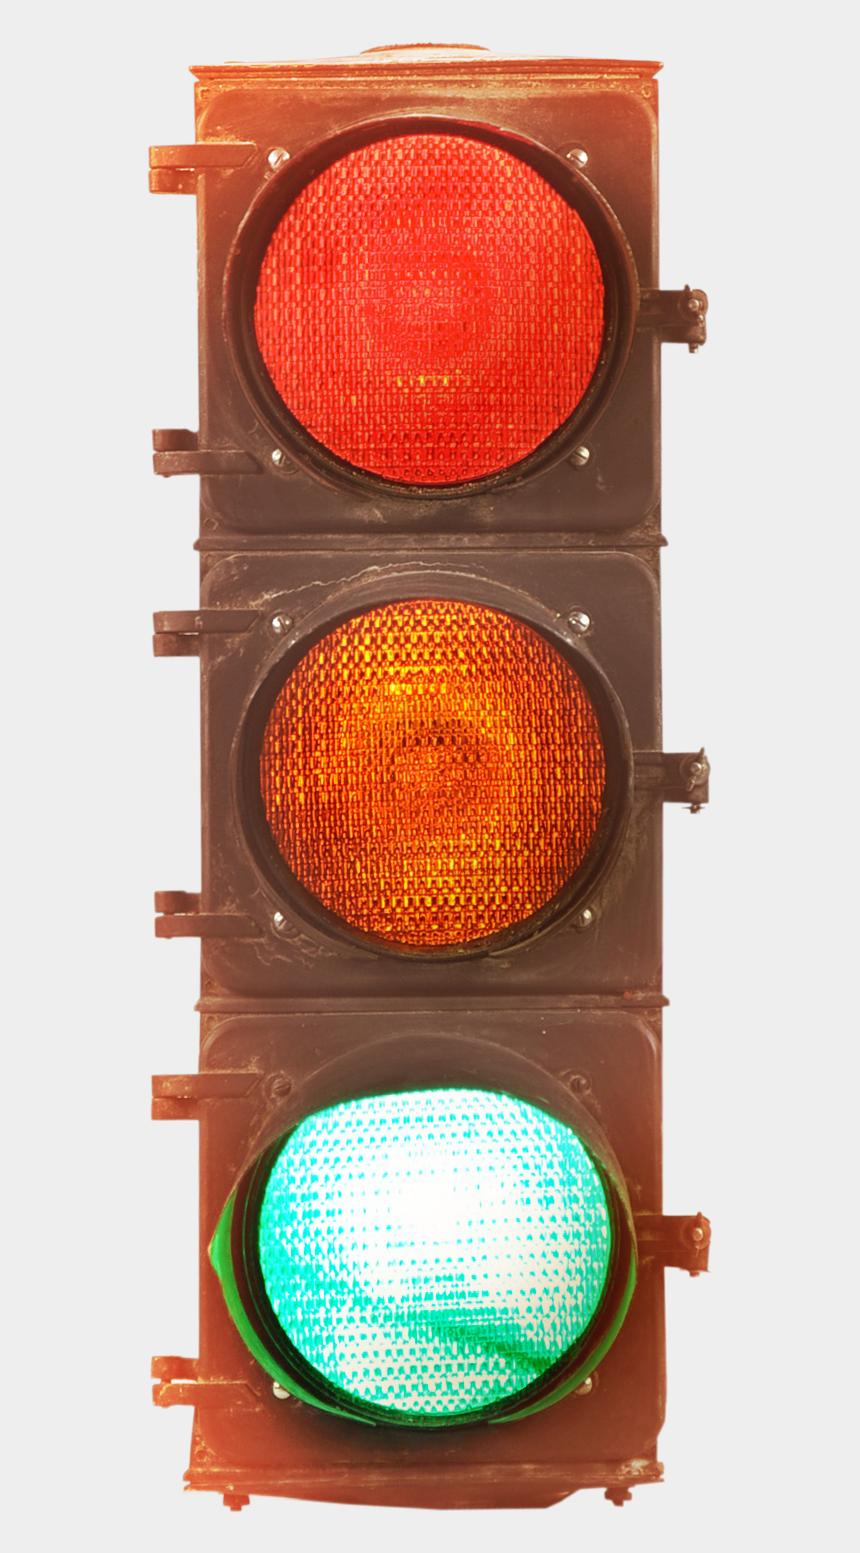 stop lights clipart, Cartoons - Traffic Lights - Traffic Light